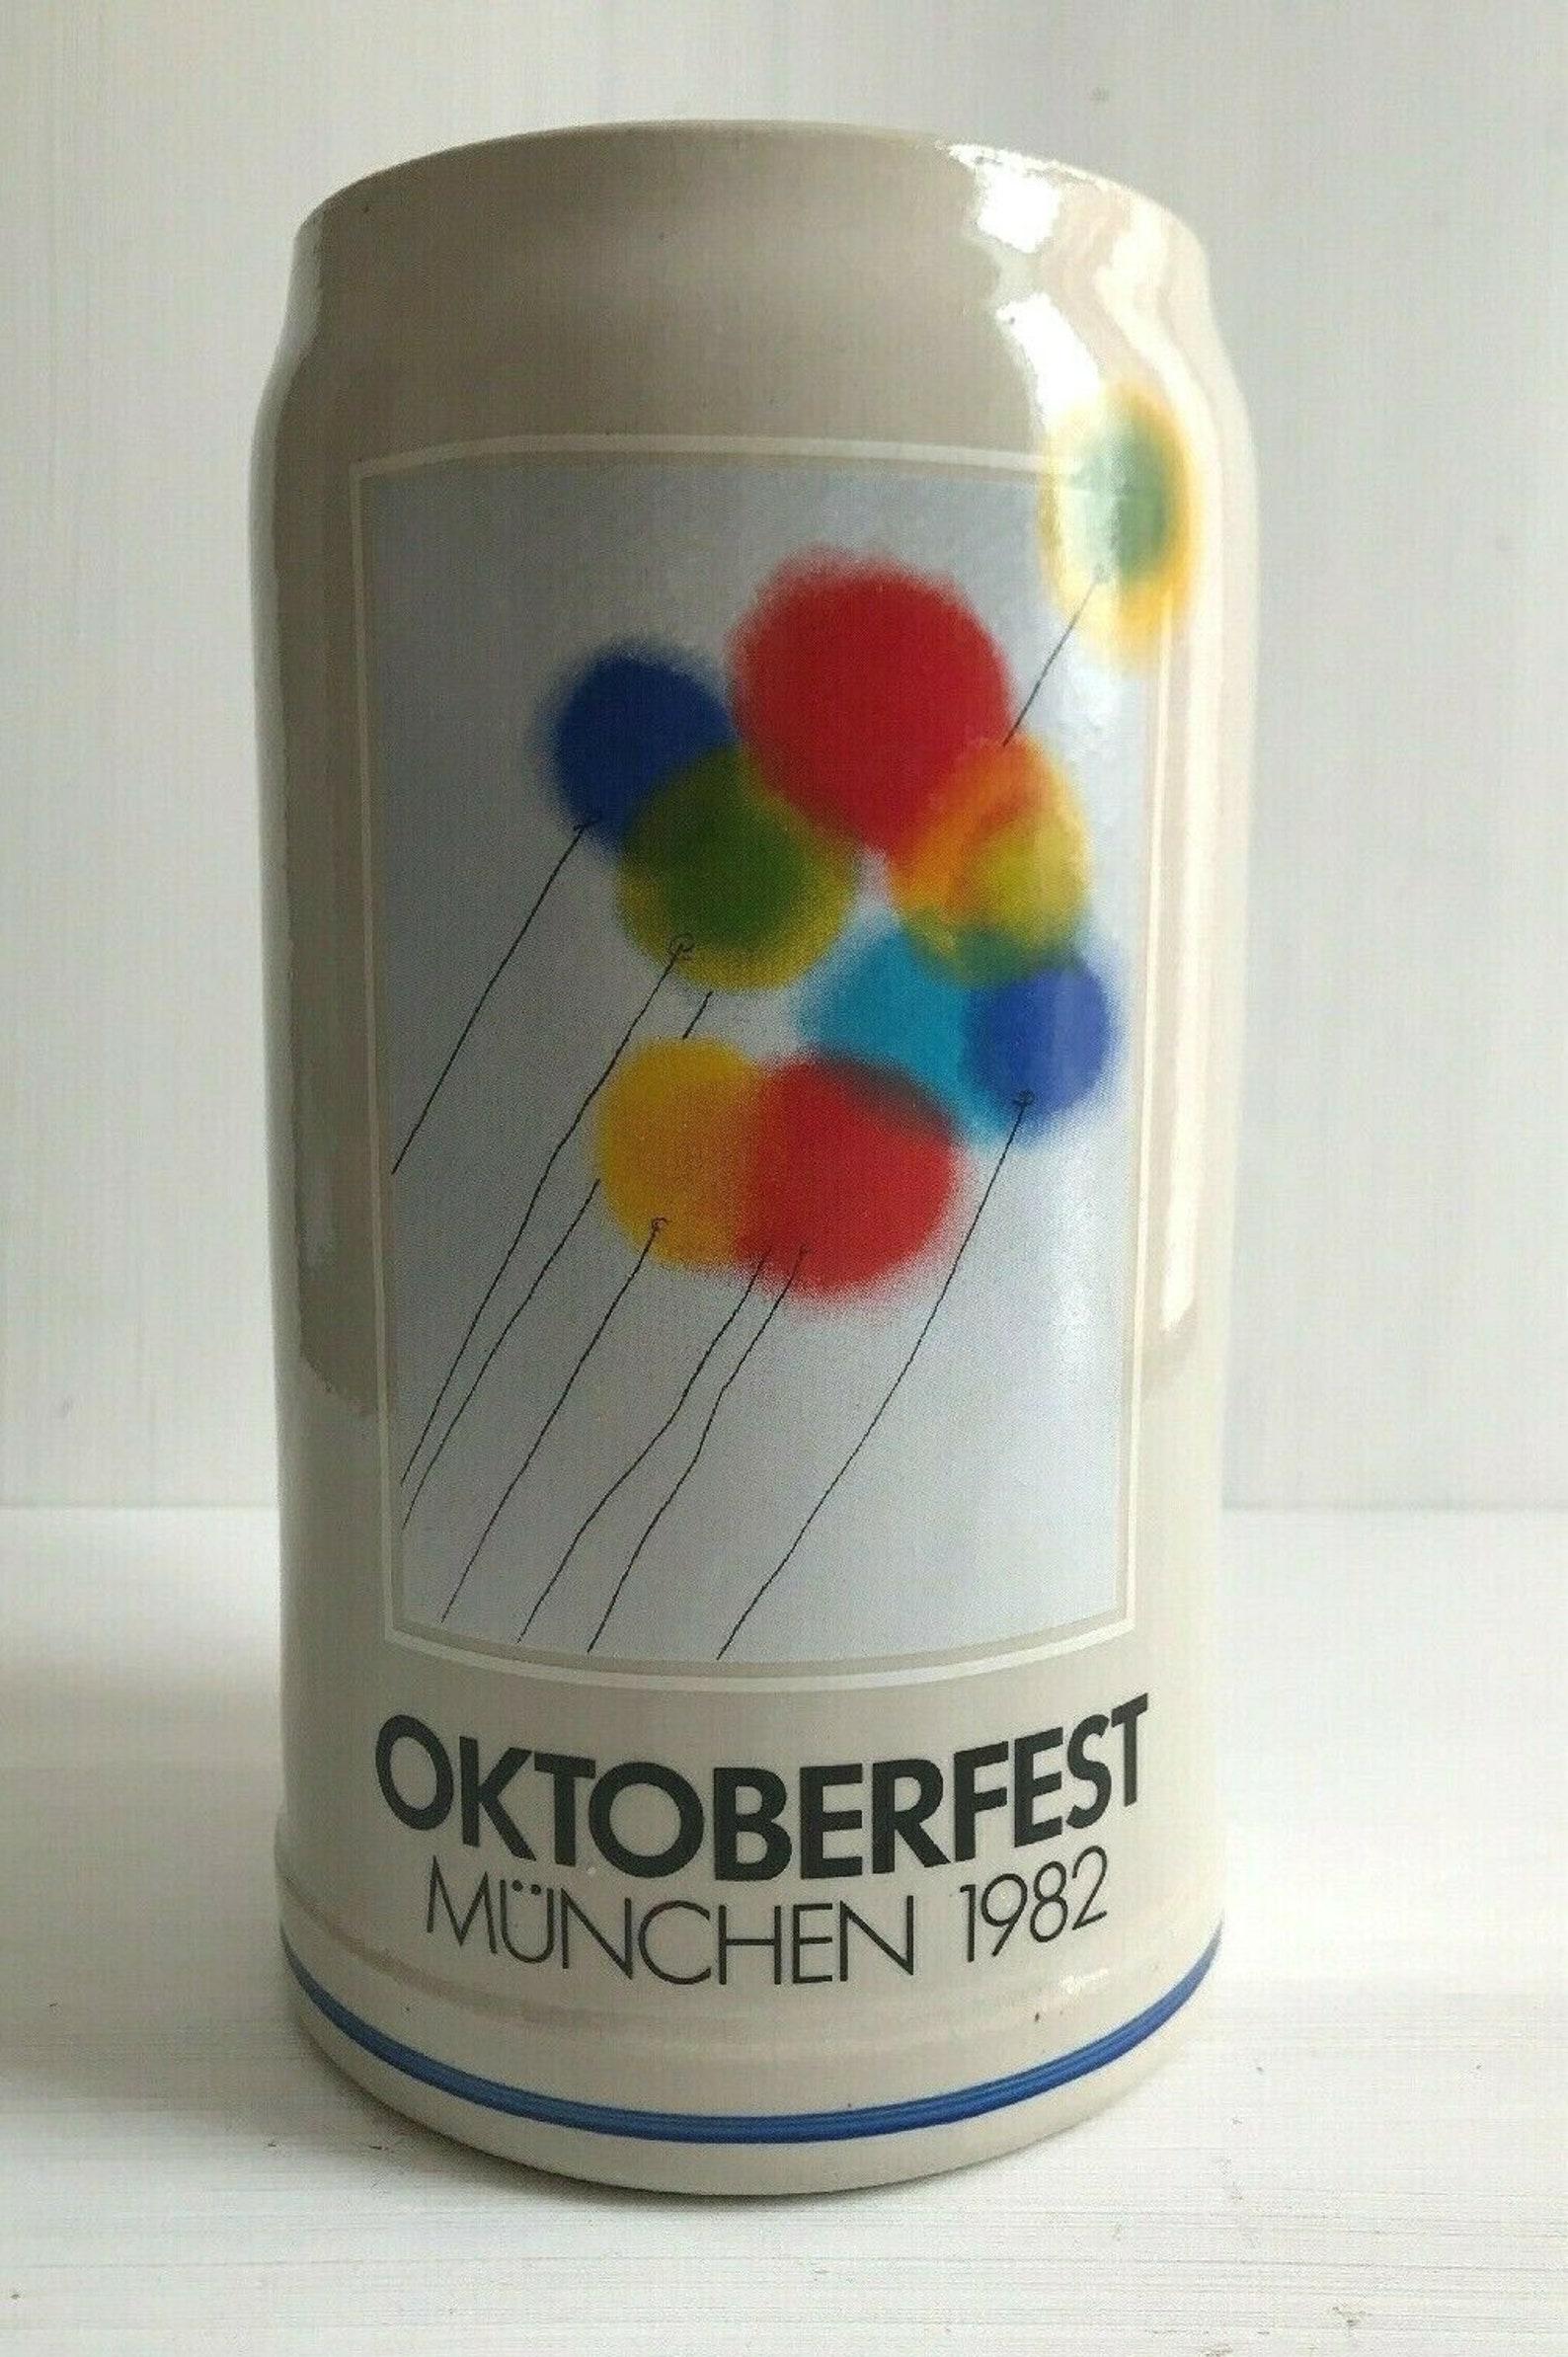 Vintage Oktoberfest Munchen 1982 Entwurf von Helmut Gratzfeld Signature Beer